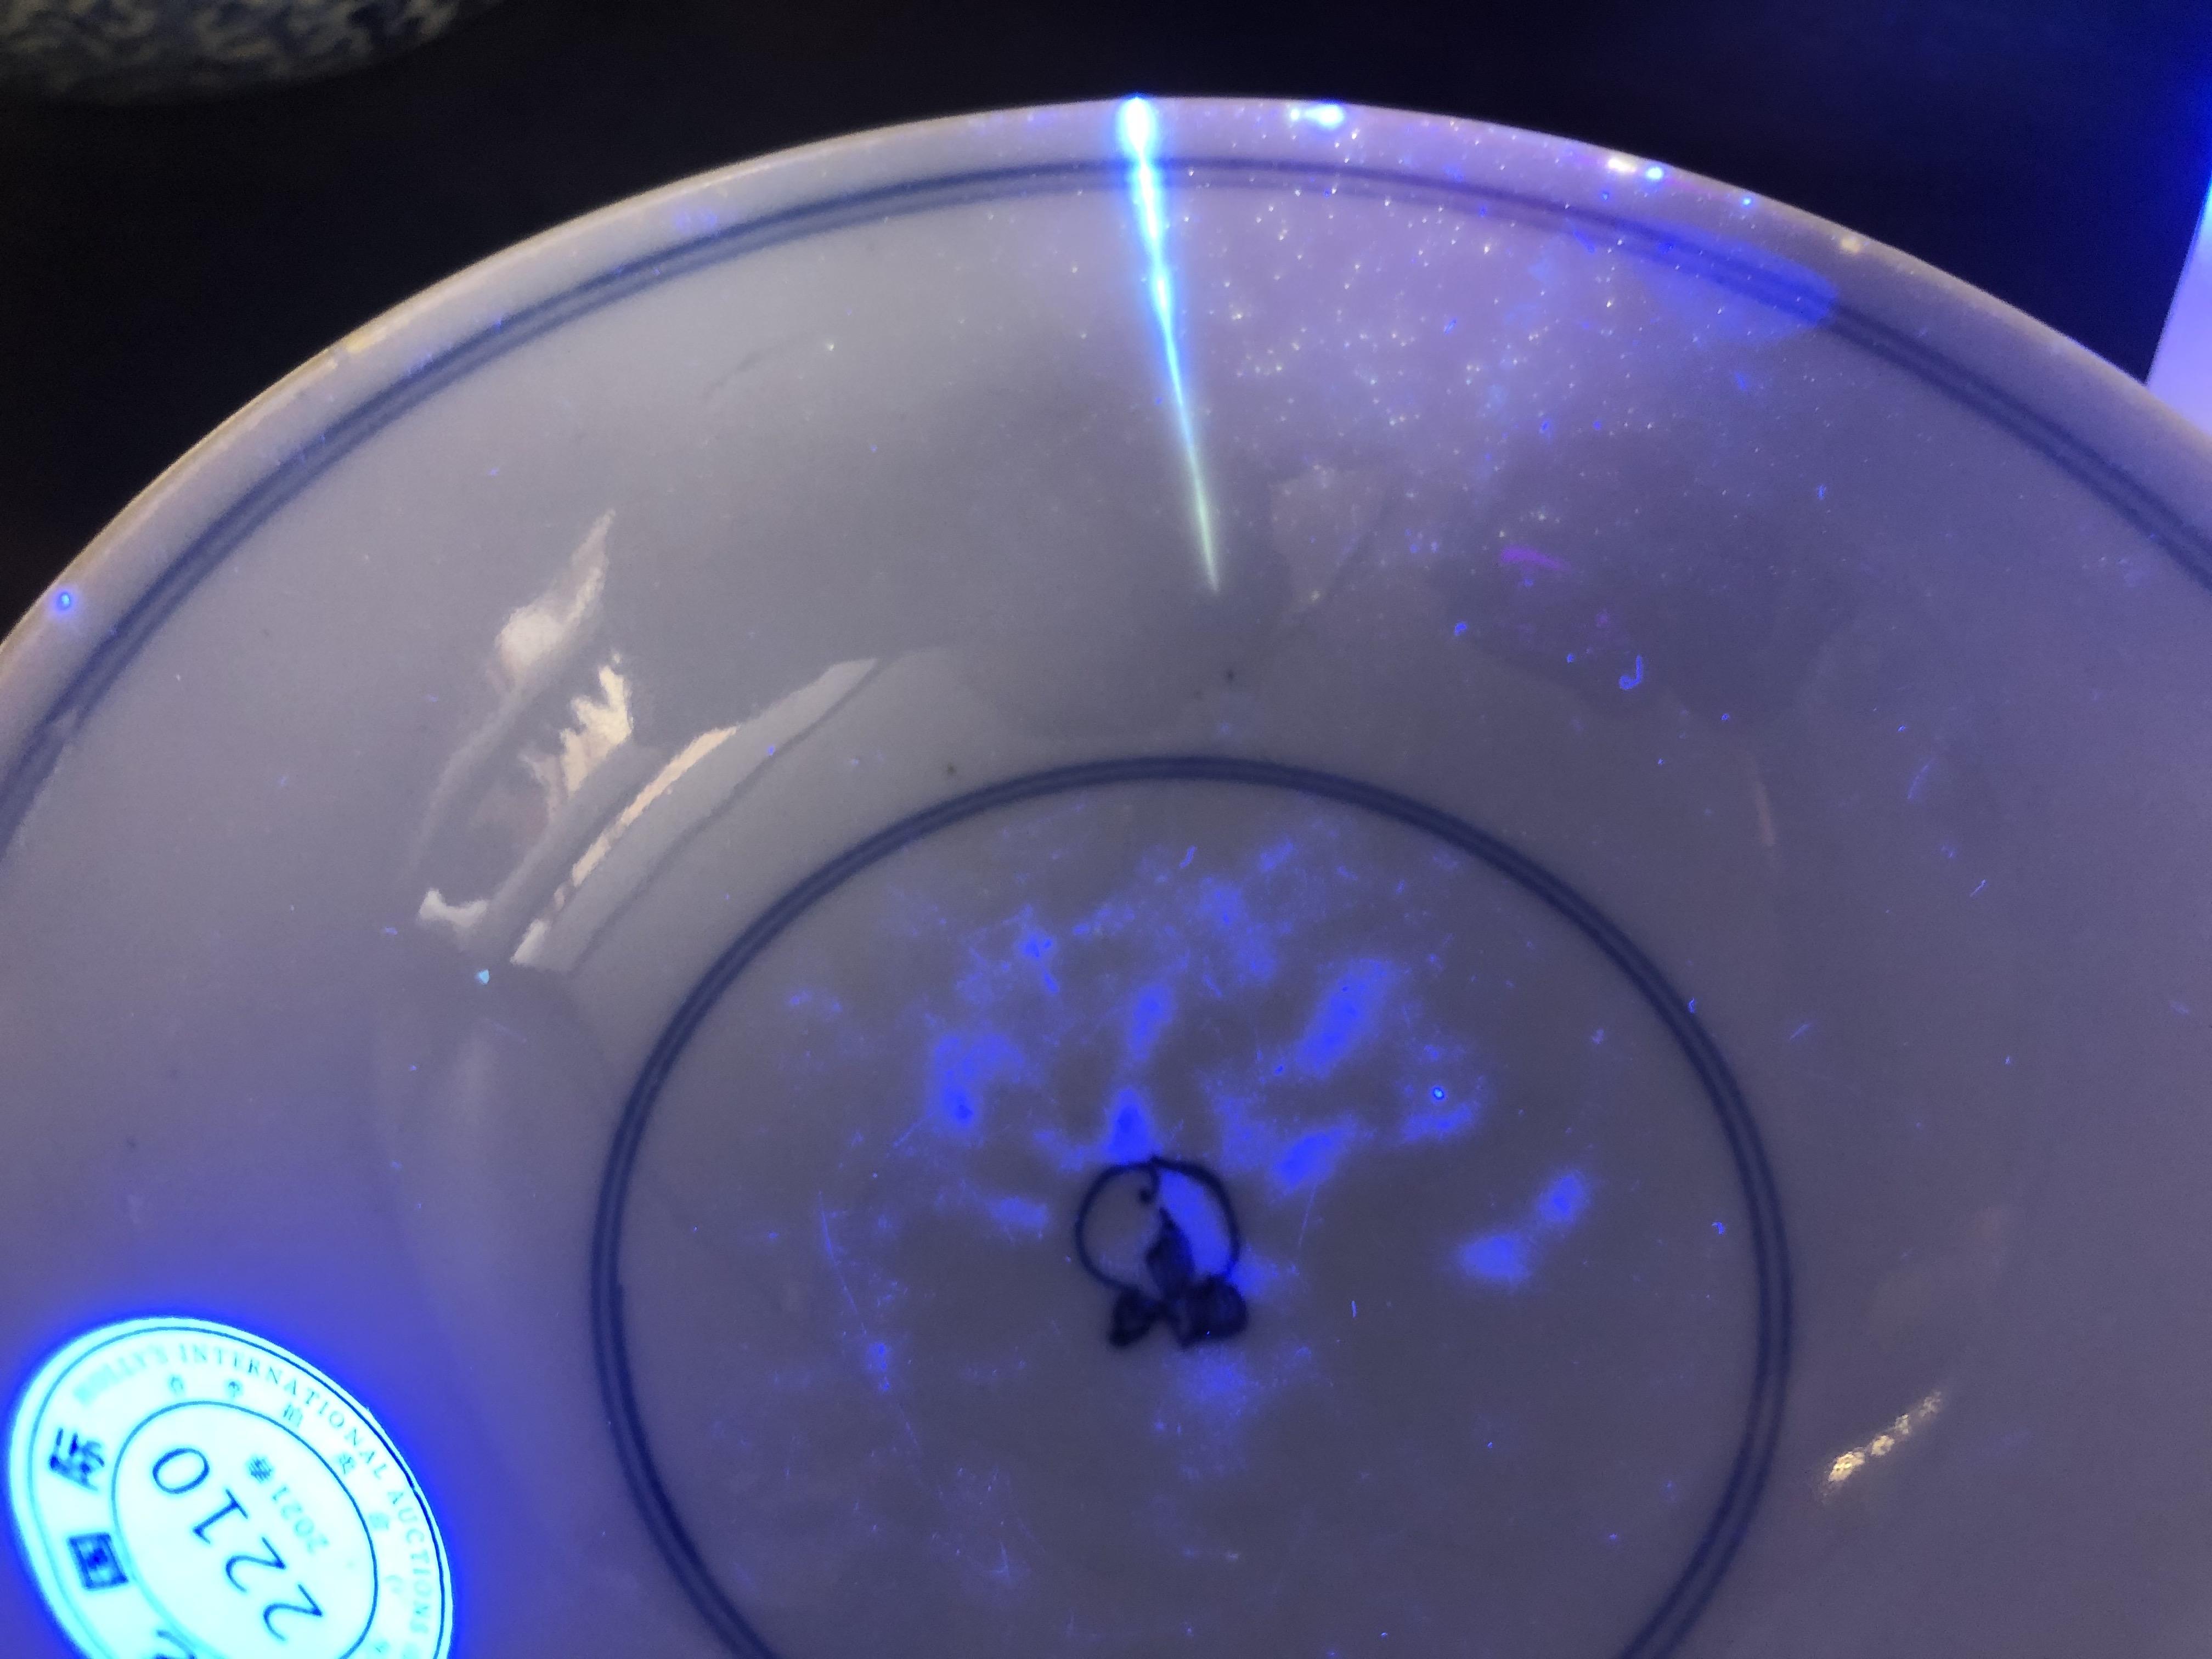 在藍光燈照射下,牛先生競買的瓷碗上有裂紋顯現。